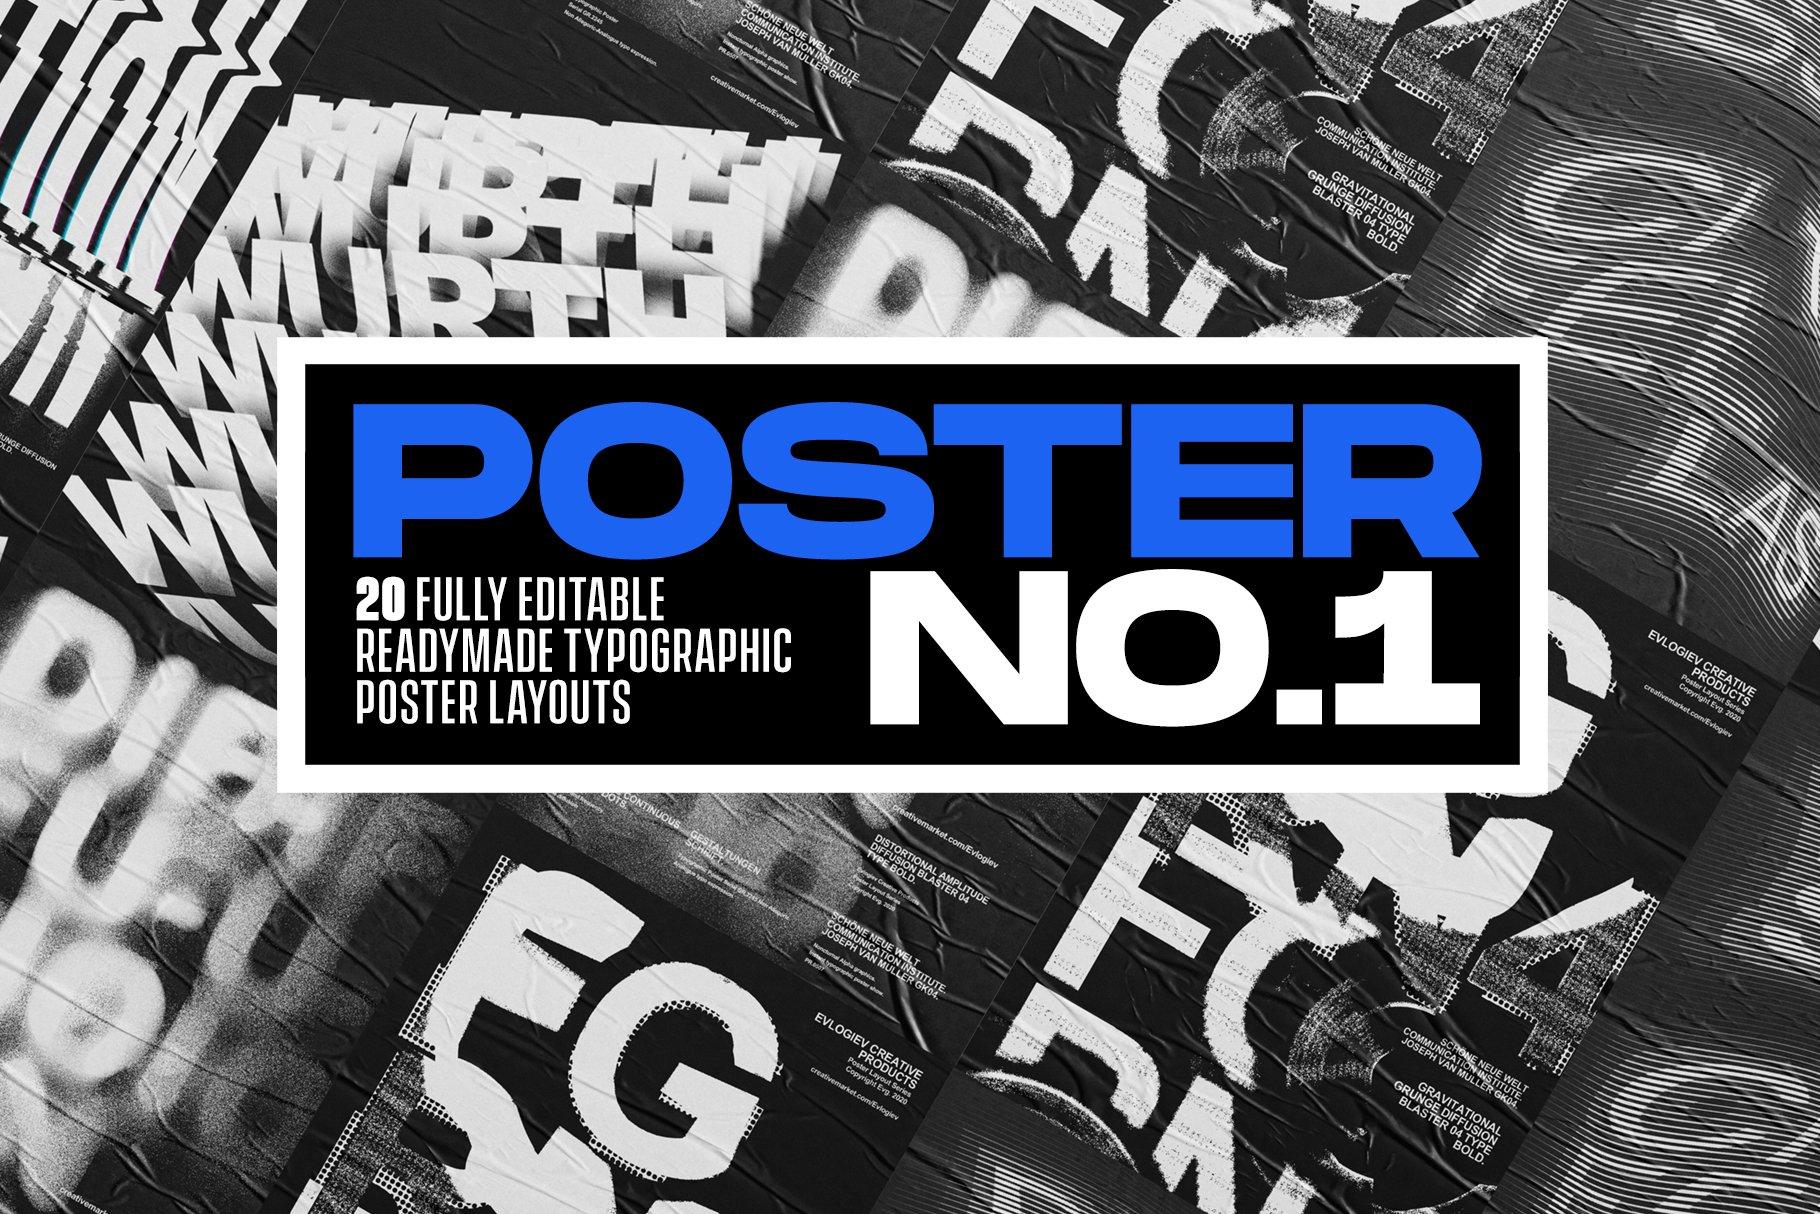 20款创意抽象主视觉海报标题特效字体设计智能贴图样机模板 Typographic Poster Layouts No.01插图